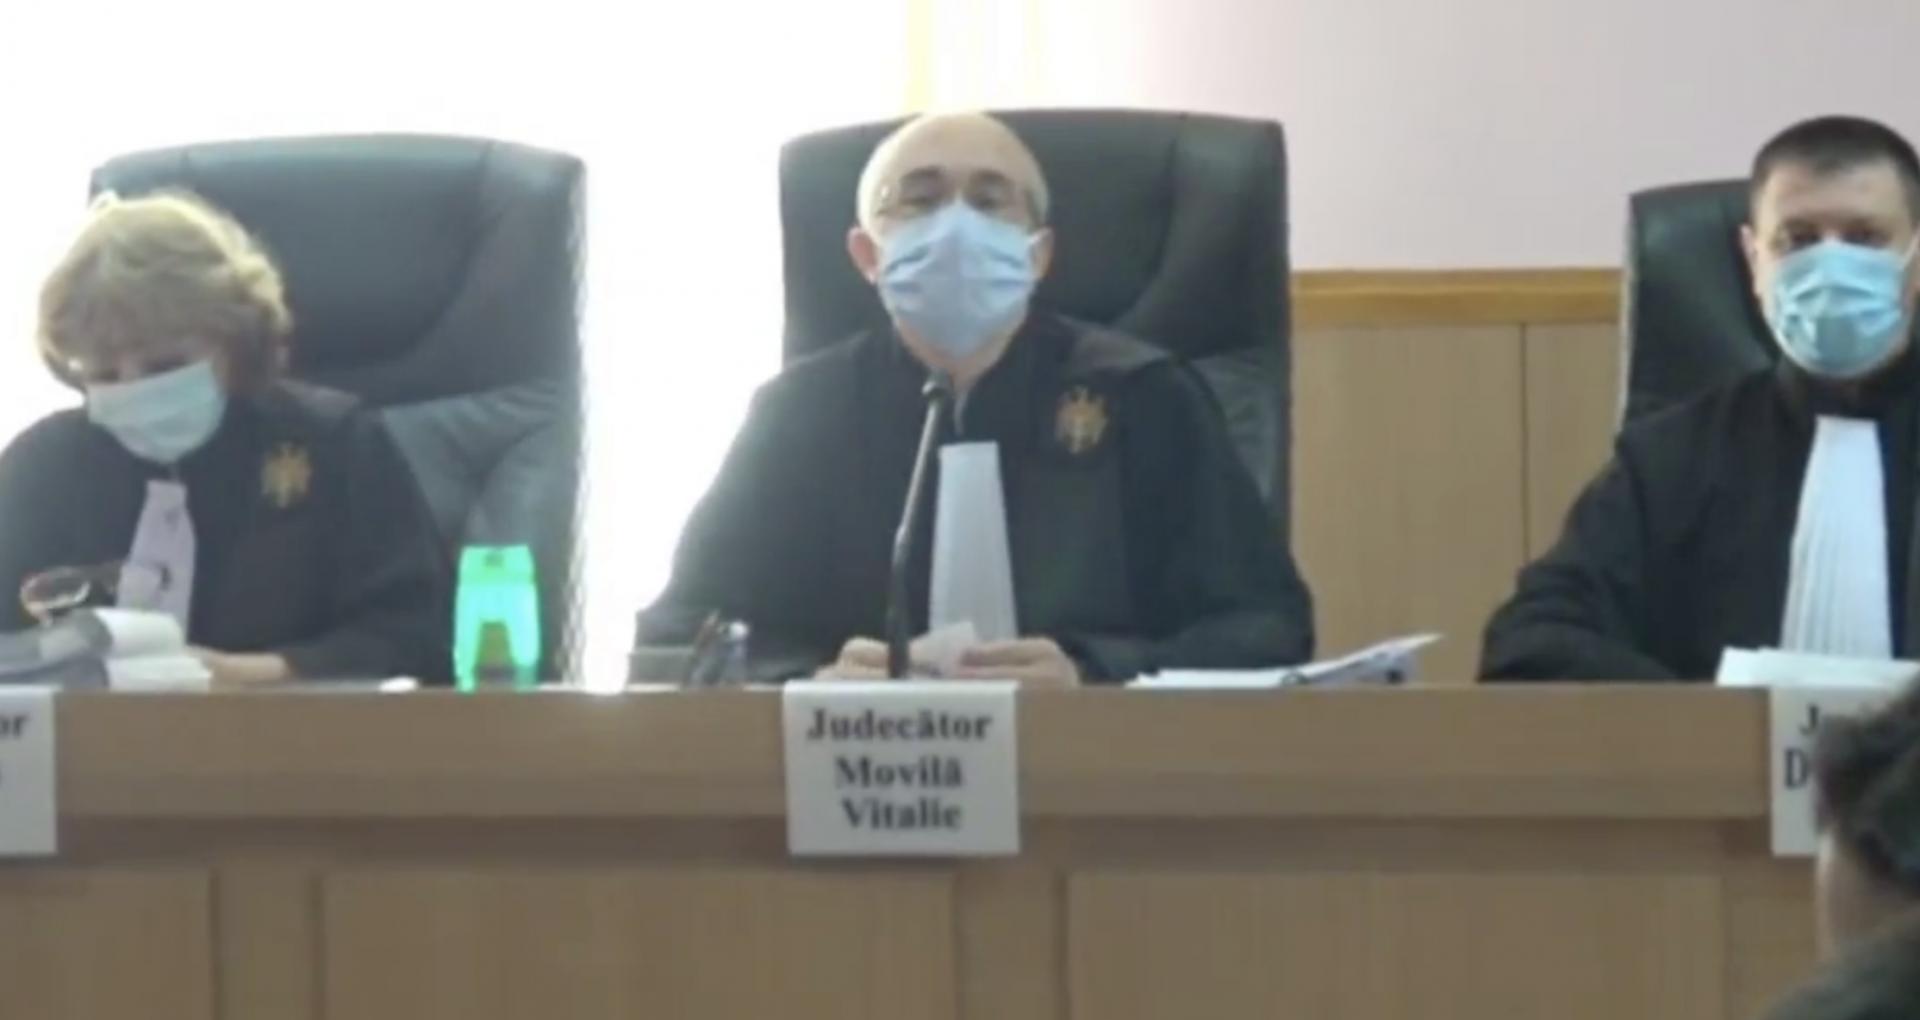 Examinarea cererii de demisie a judecătoarei care examinează dosarul lui Ilan Șor, amânată: membri CSM  au solicitat un raport în legătură cu dosarul lui Șor de la Curtea de Apel Cahul